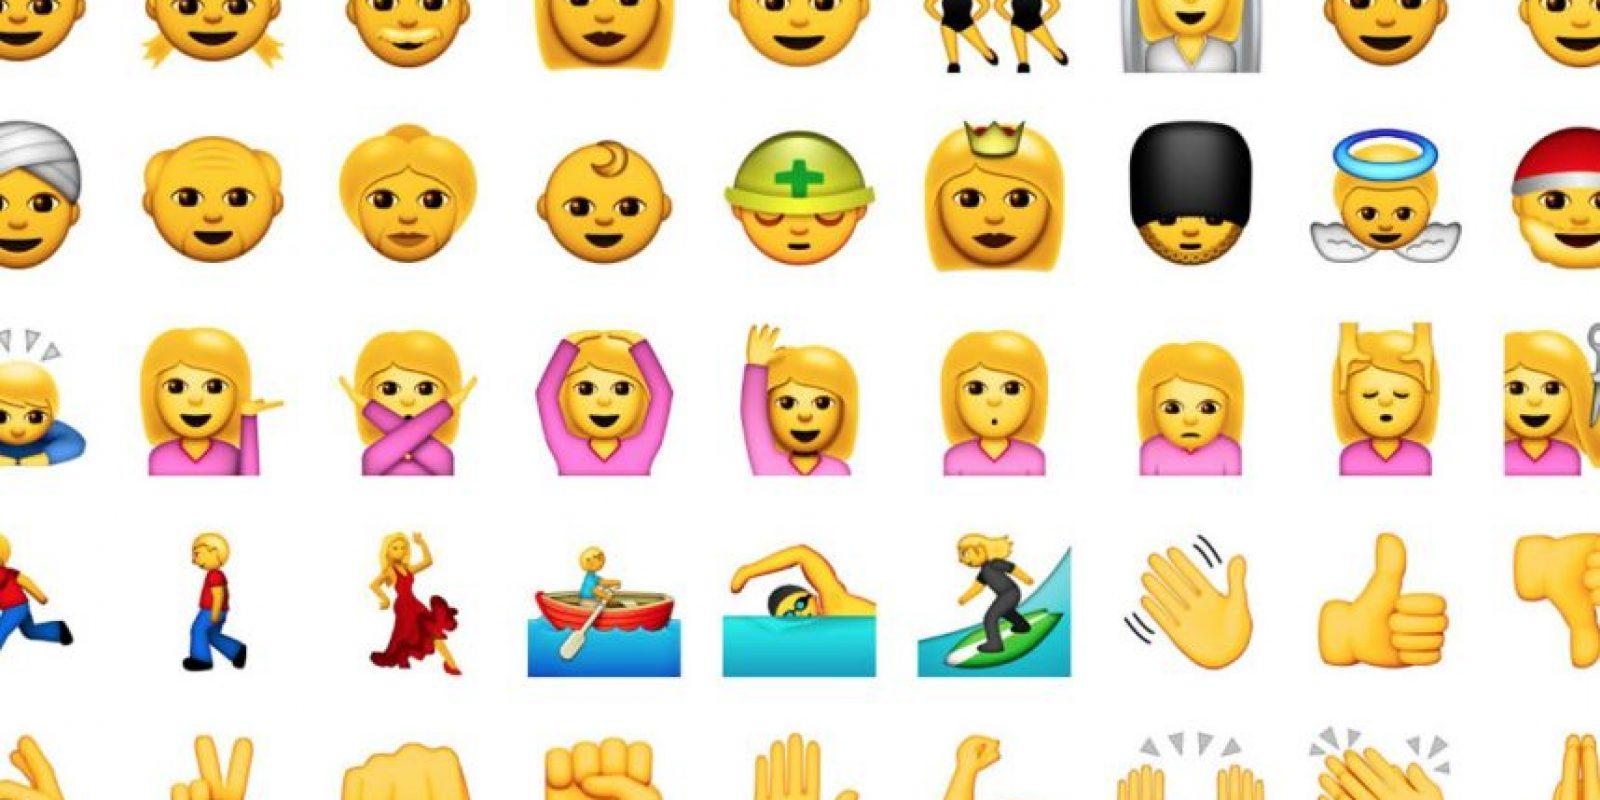 Antes de usarlos, los emojis deben pasar por un largo proceso. Foto:Pinterest